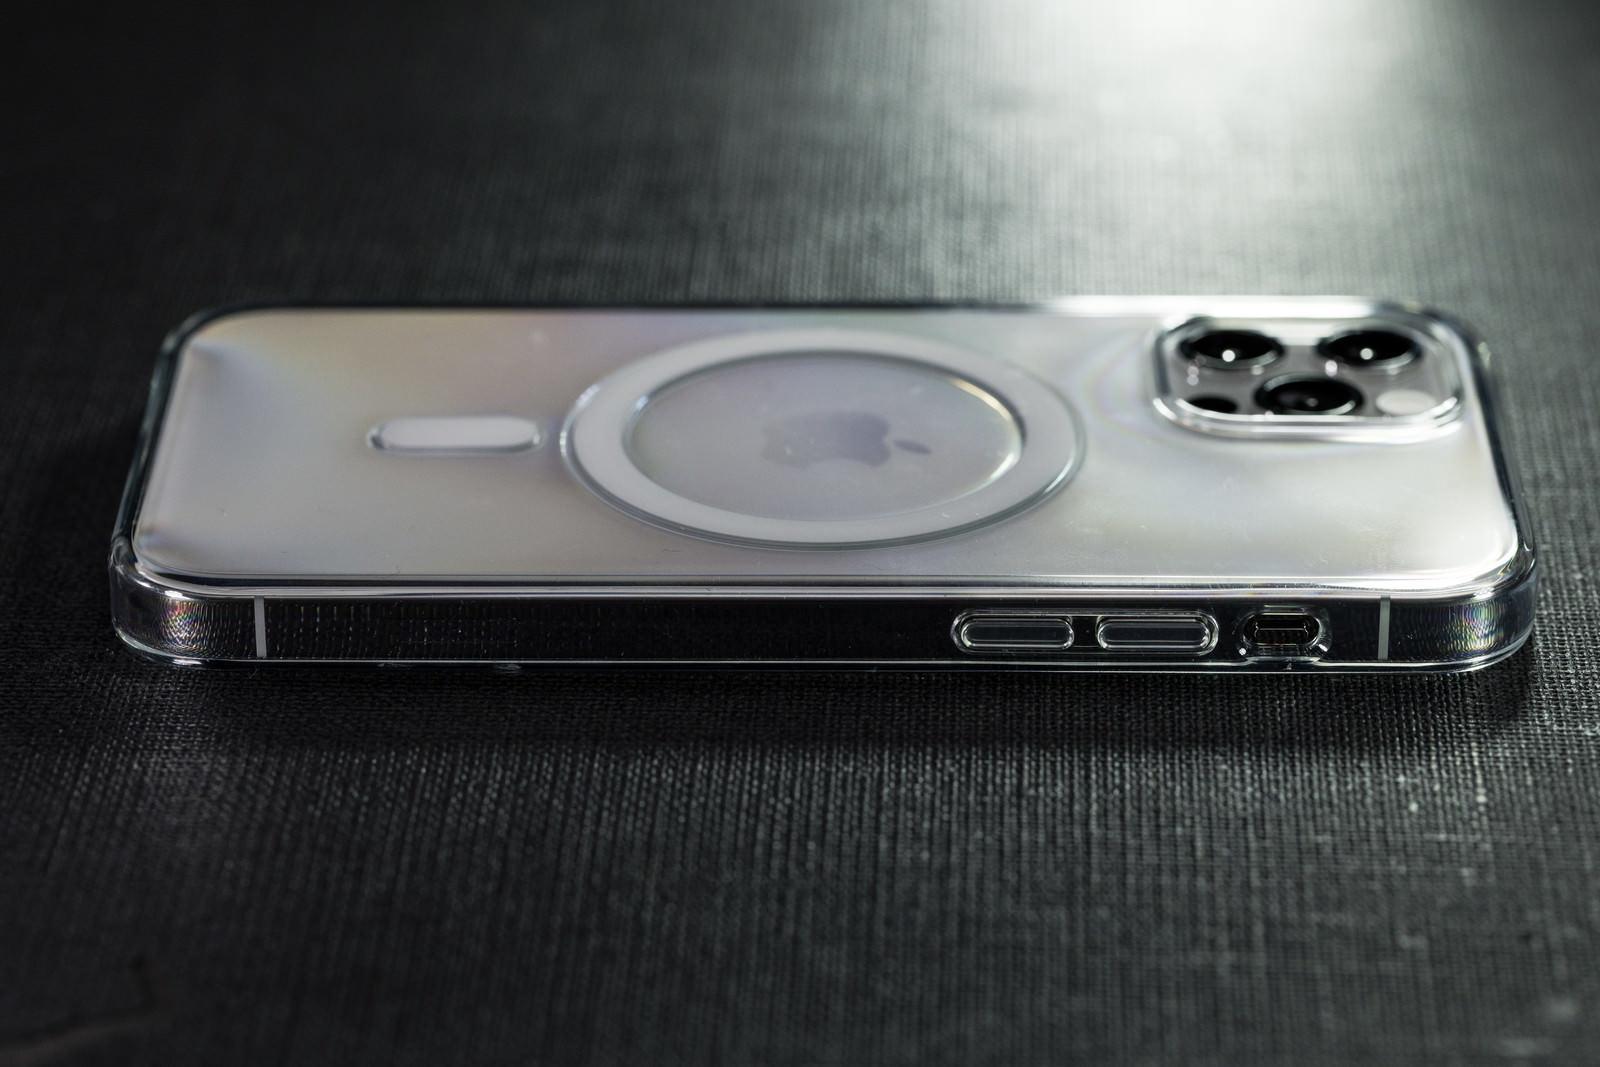 「クリアケース装着済みの iPhone 12 Pro サイドボタン側」の写真